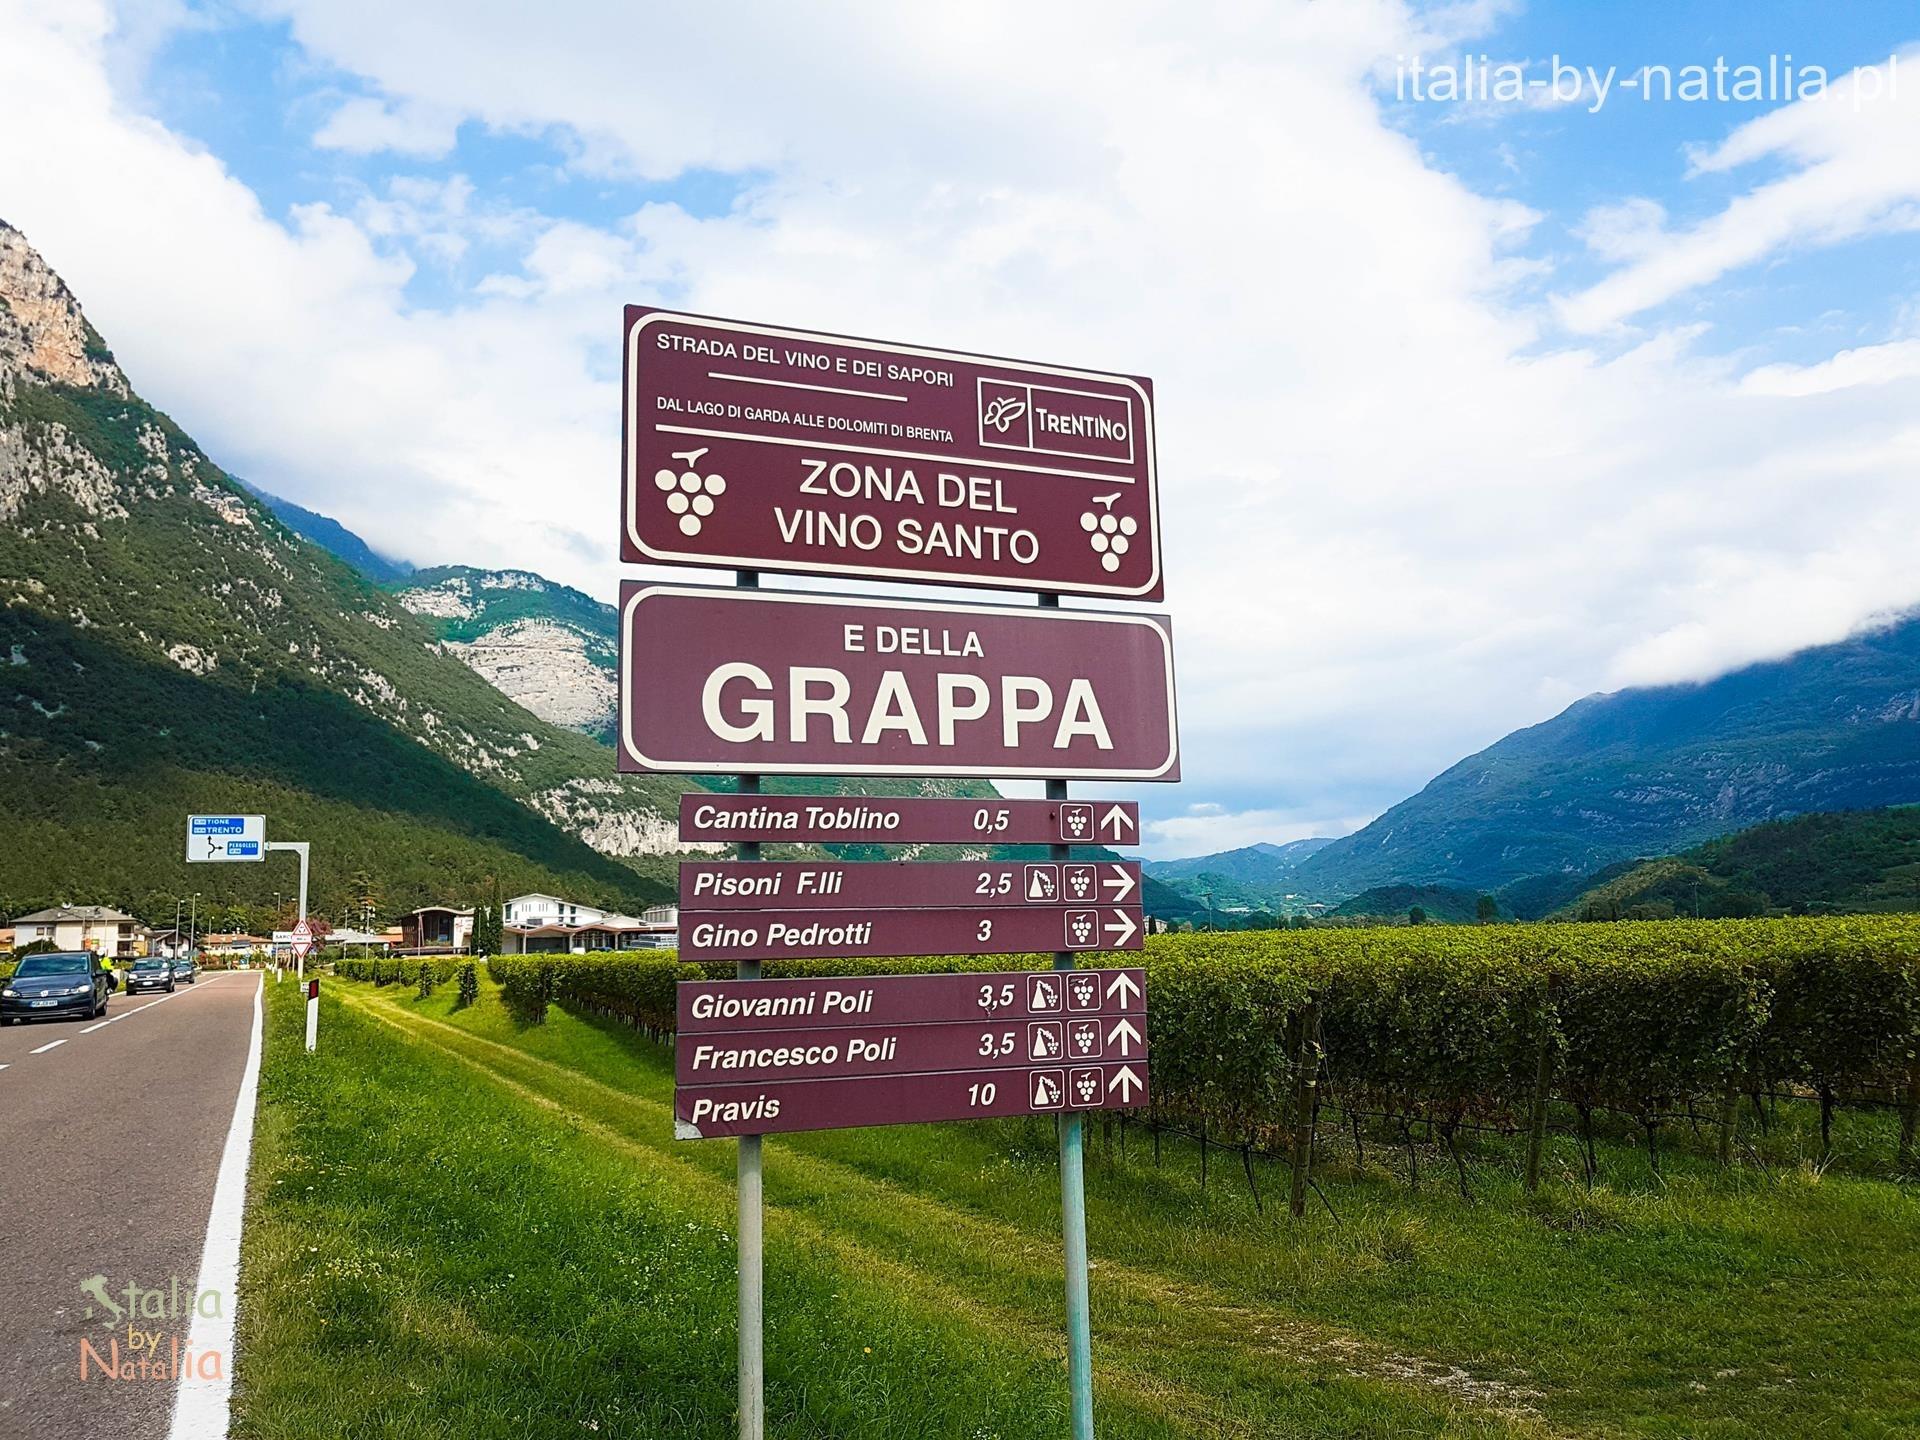 Area Grappa Vino Santo Sarca Riva del Garda Arco Toblino Dro